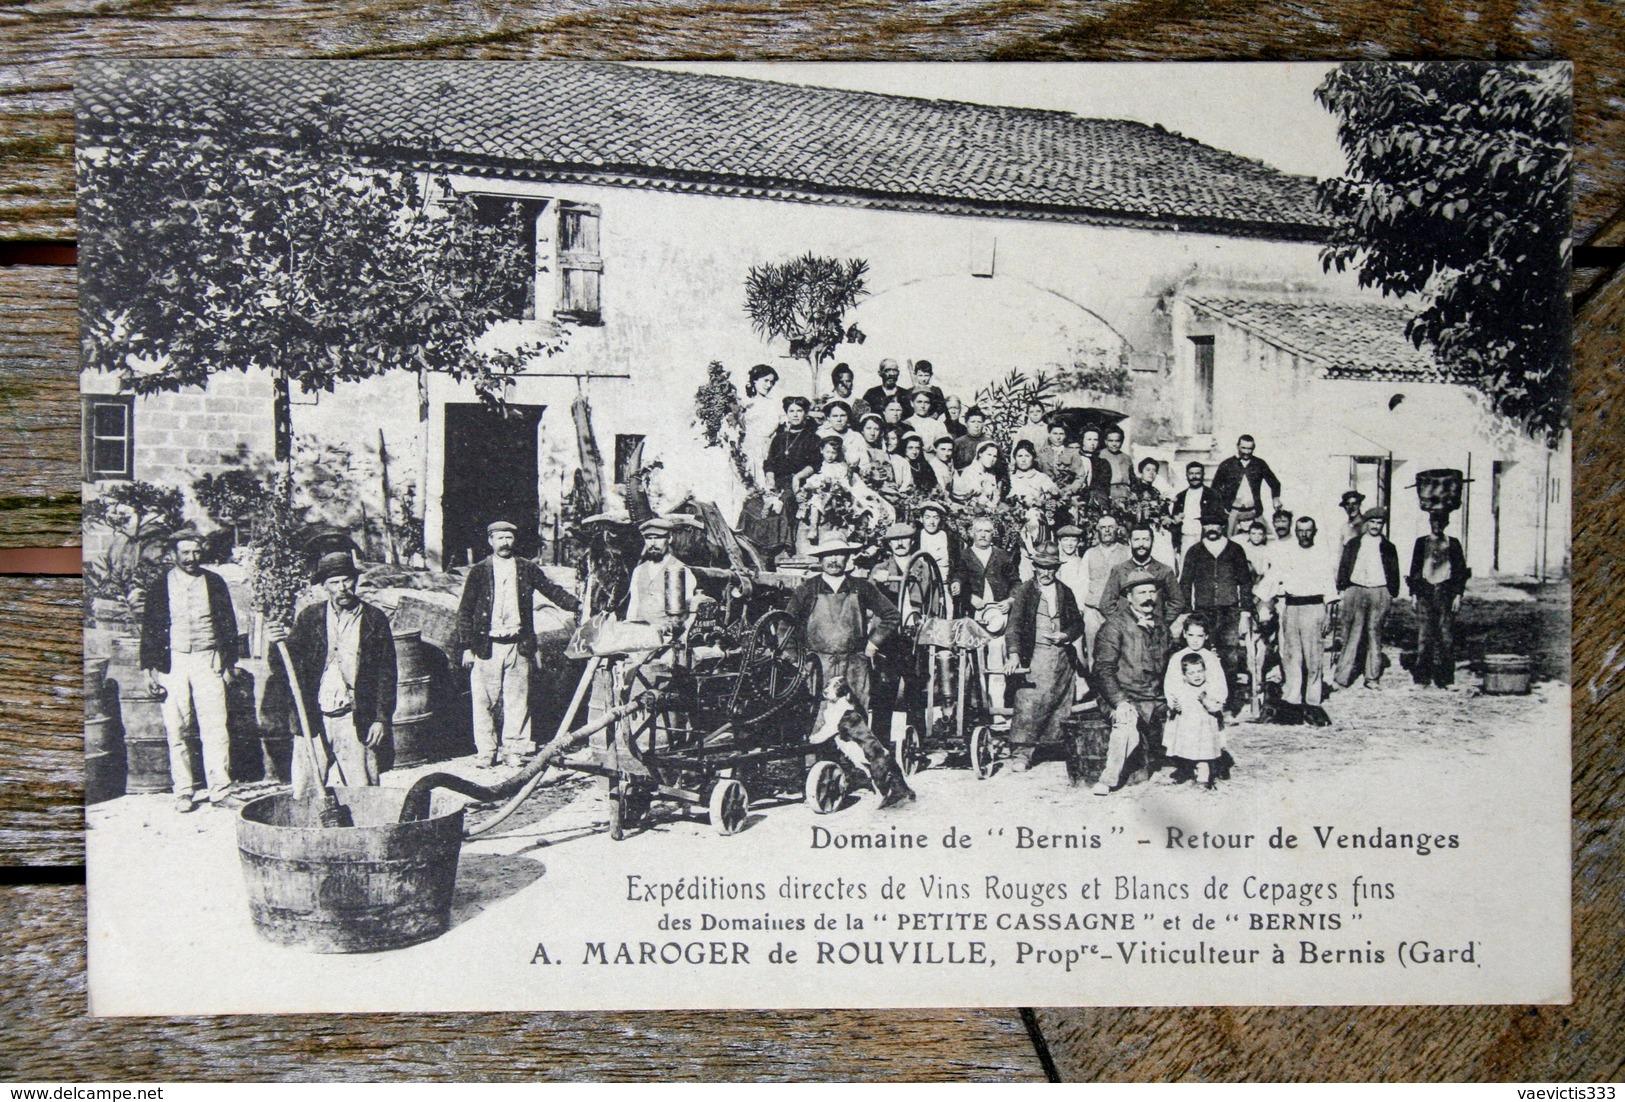 1750 CPA 30 BERNIS DOMAINES PETITE CASSAGNE ET BERNIS RETOUR DE VENDANGES  1910 M63 - Autres Communes